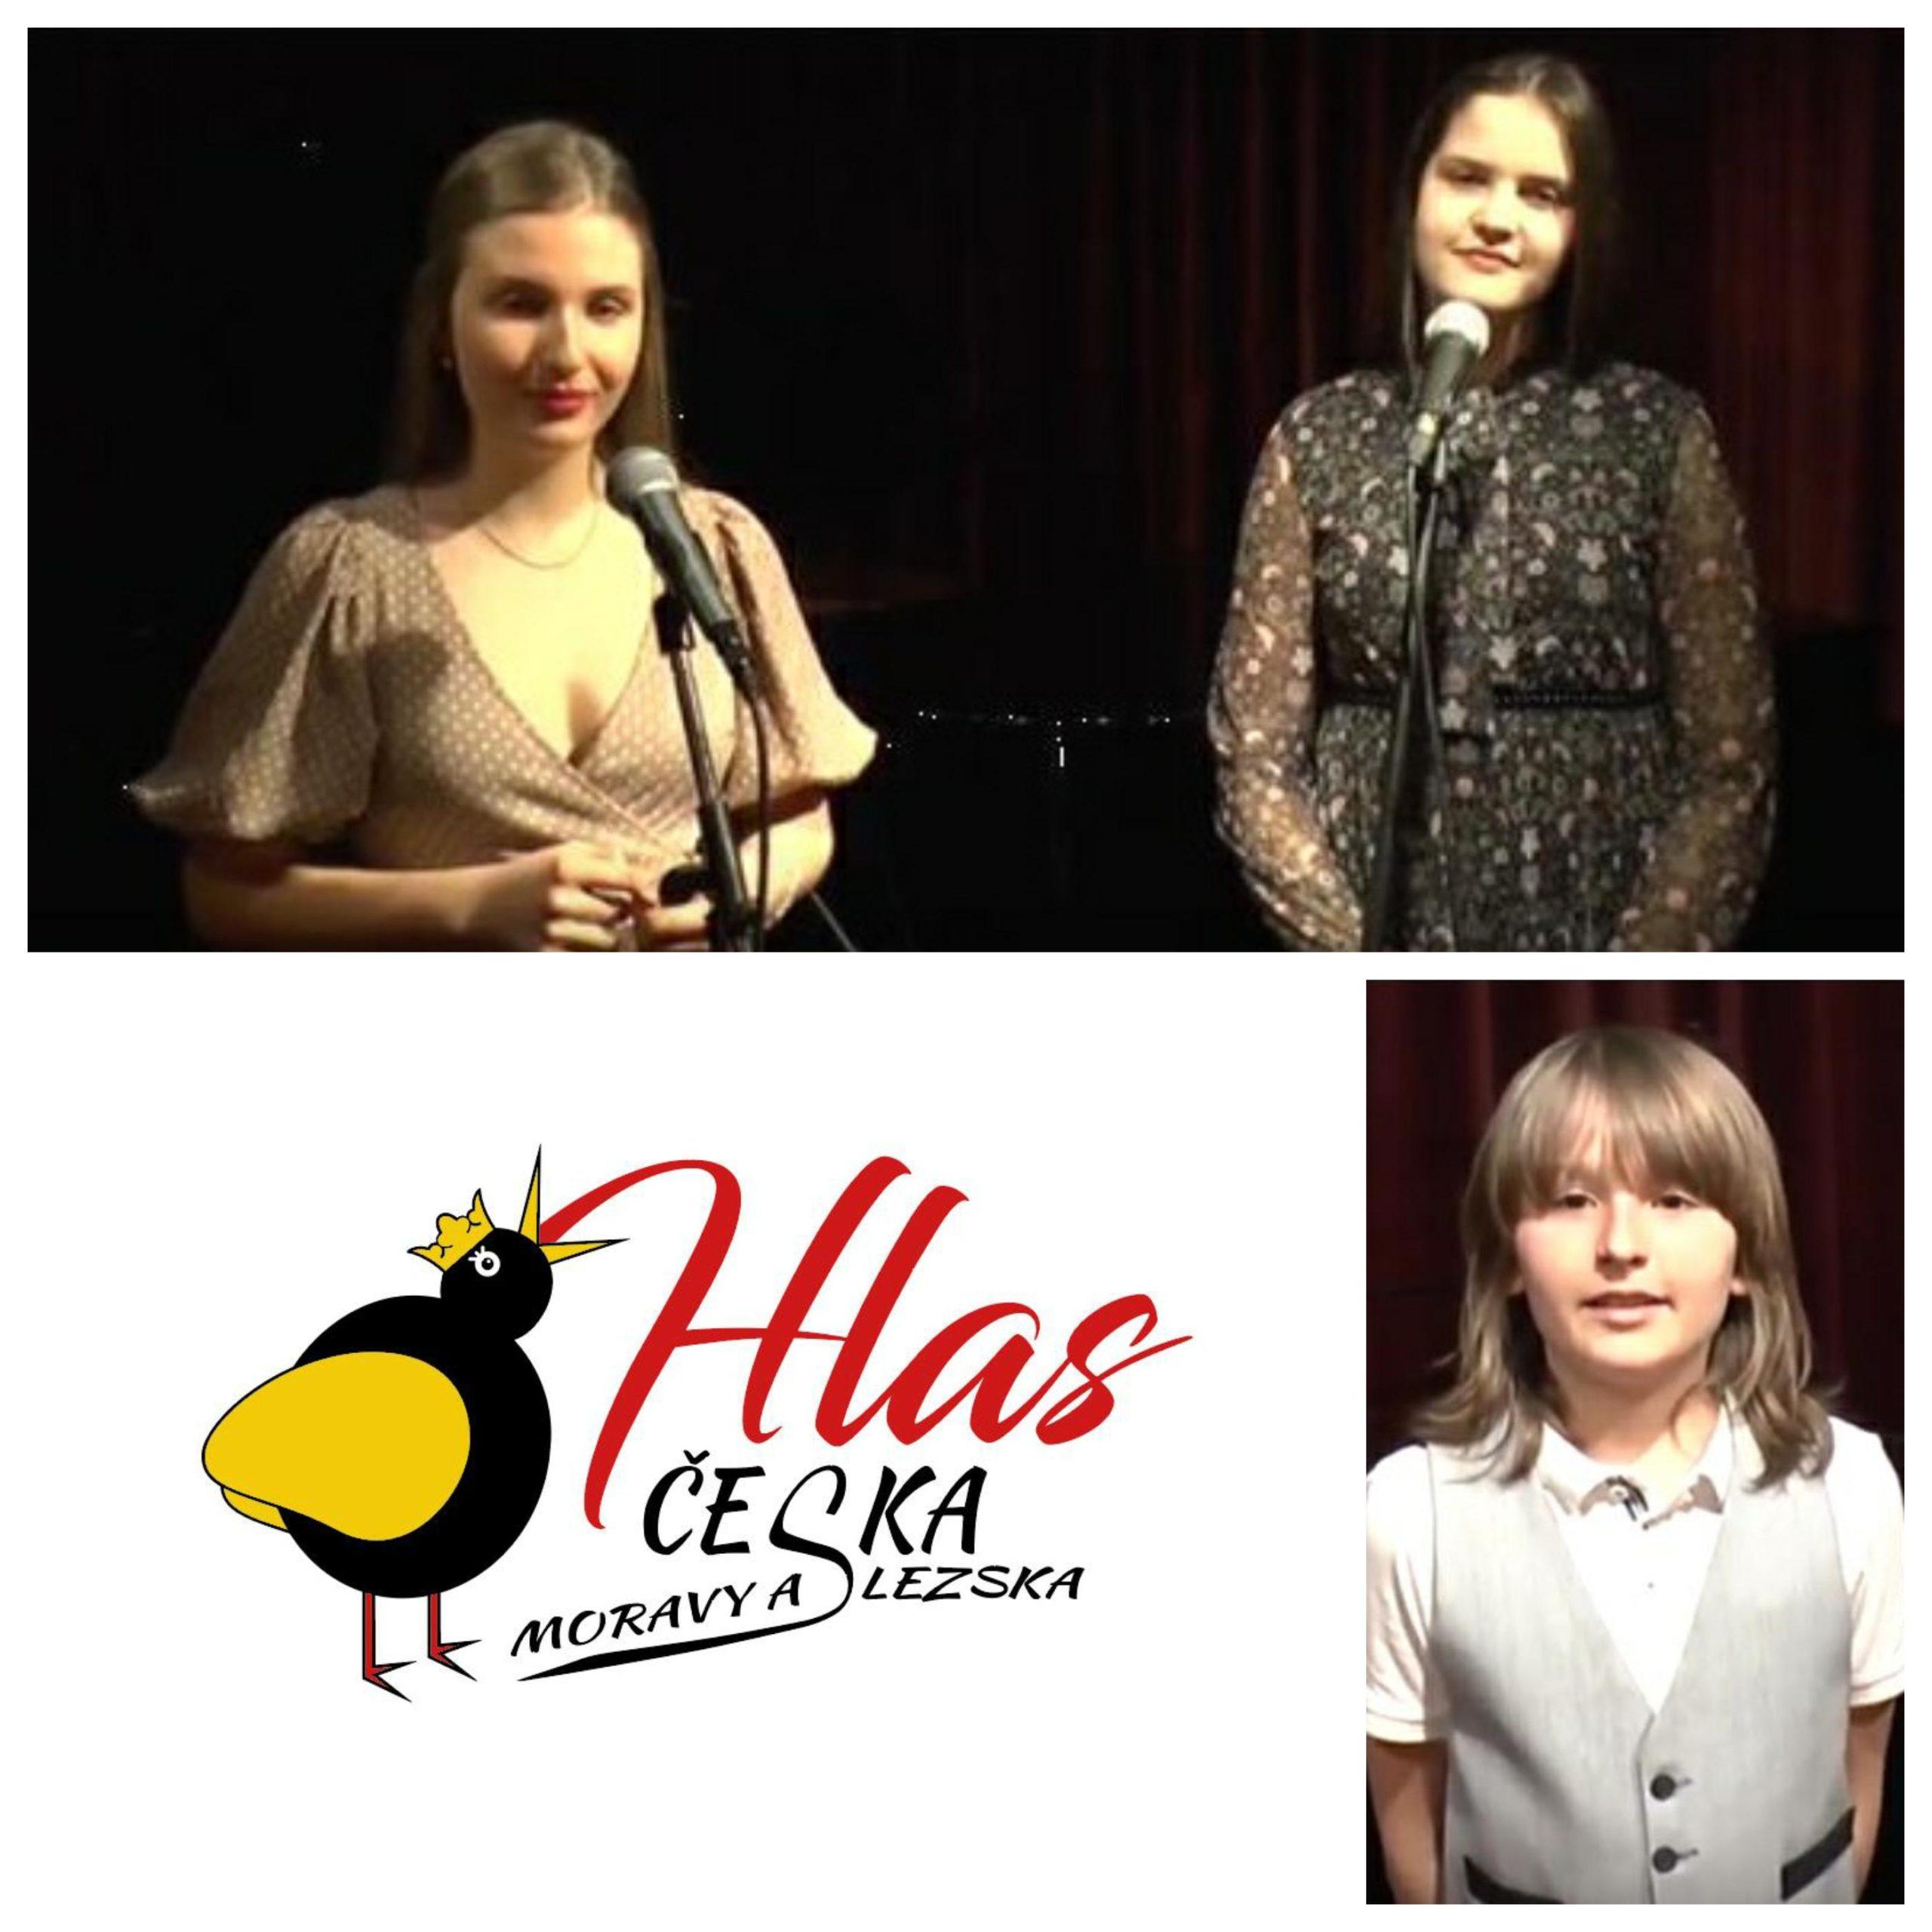 Gratulace k velkému úspěchu v soutěži Hlas Česka!